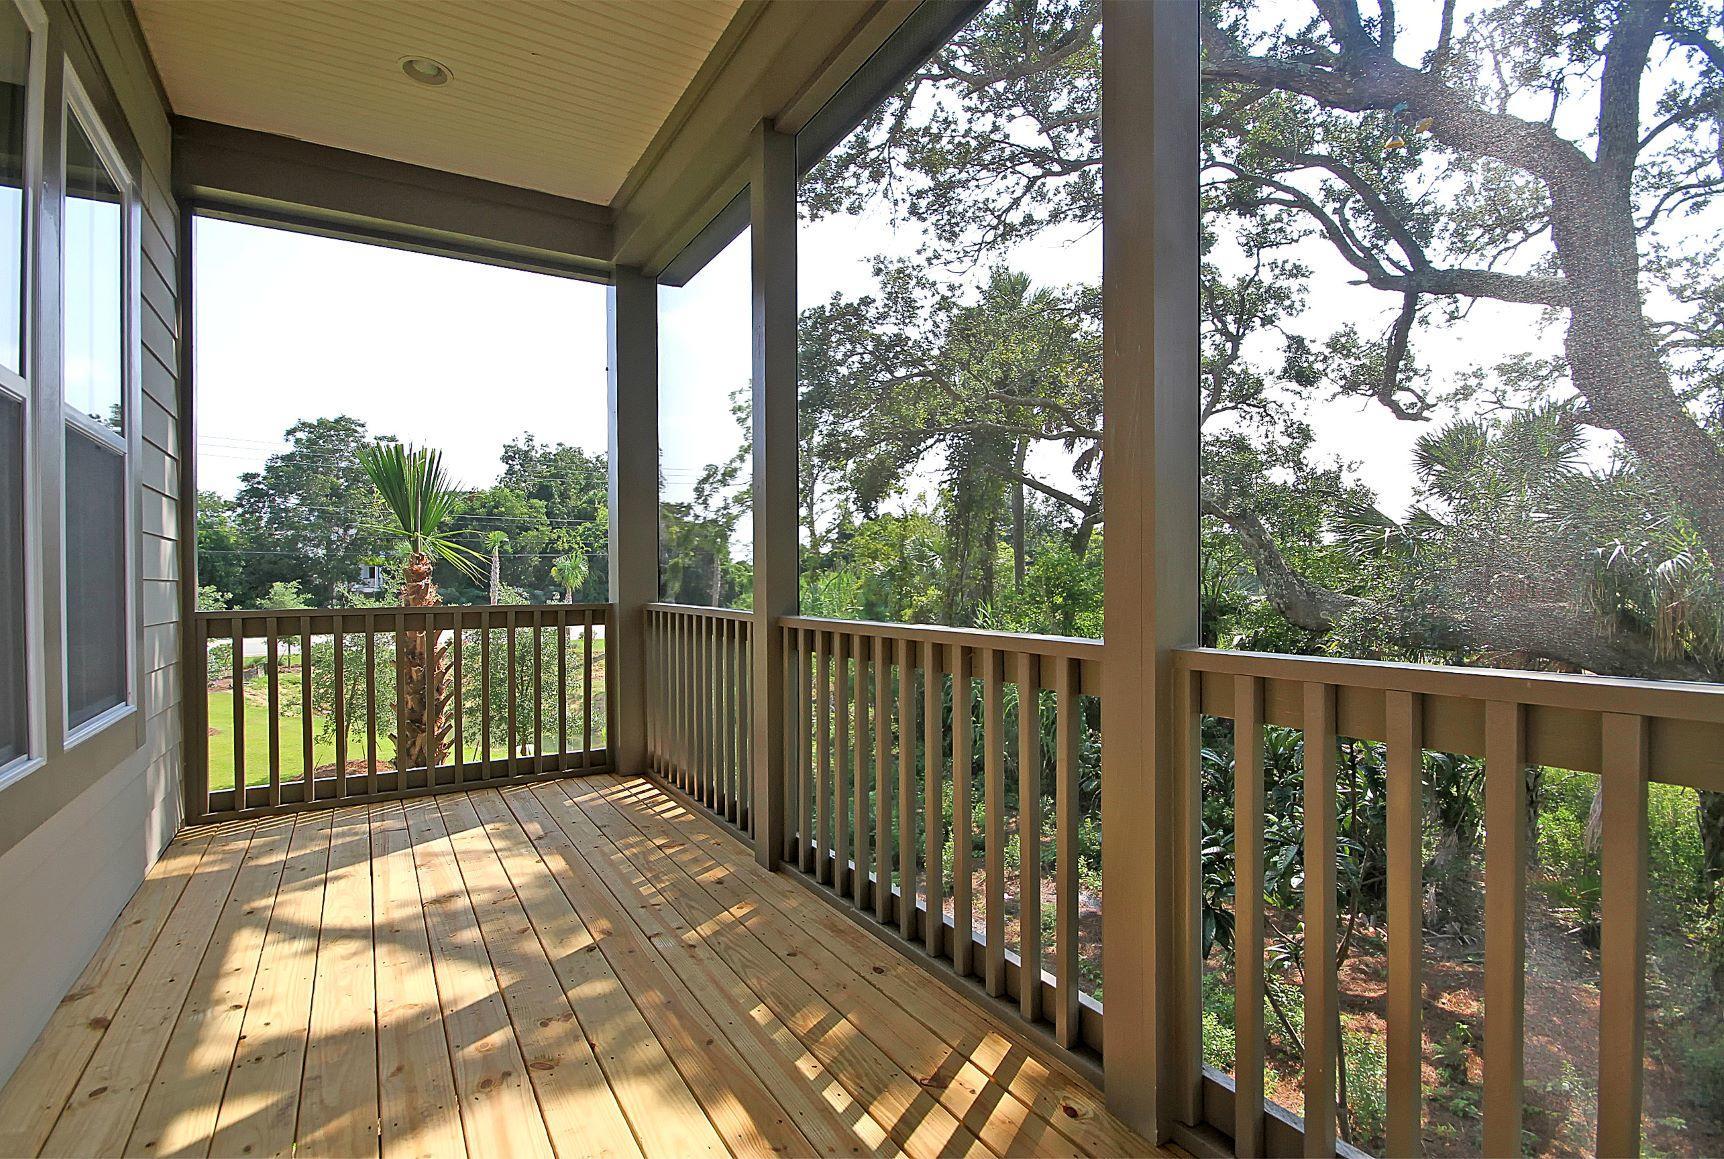 Kings Flats Homes For Sale - 121 Alder, Charleston, SC - 37